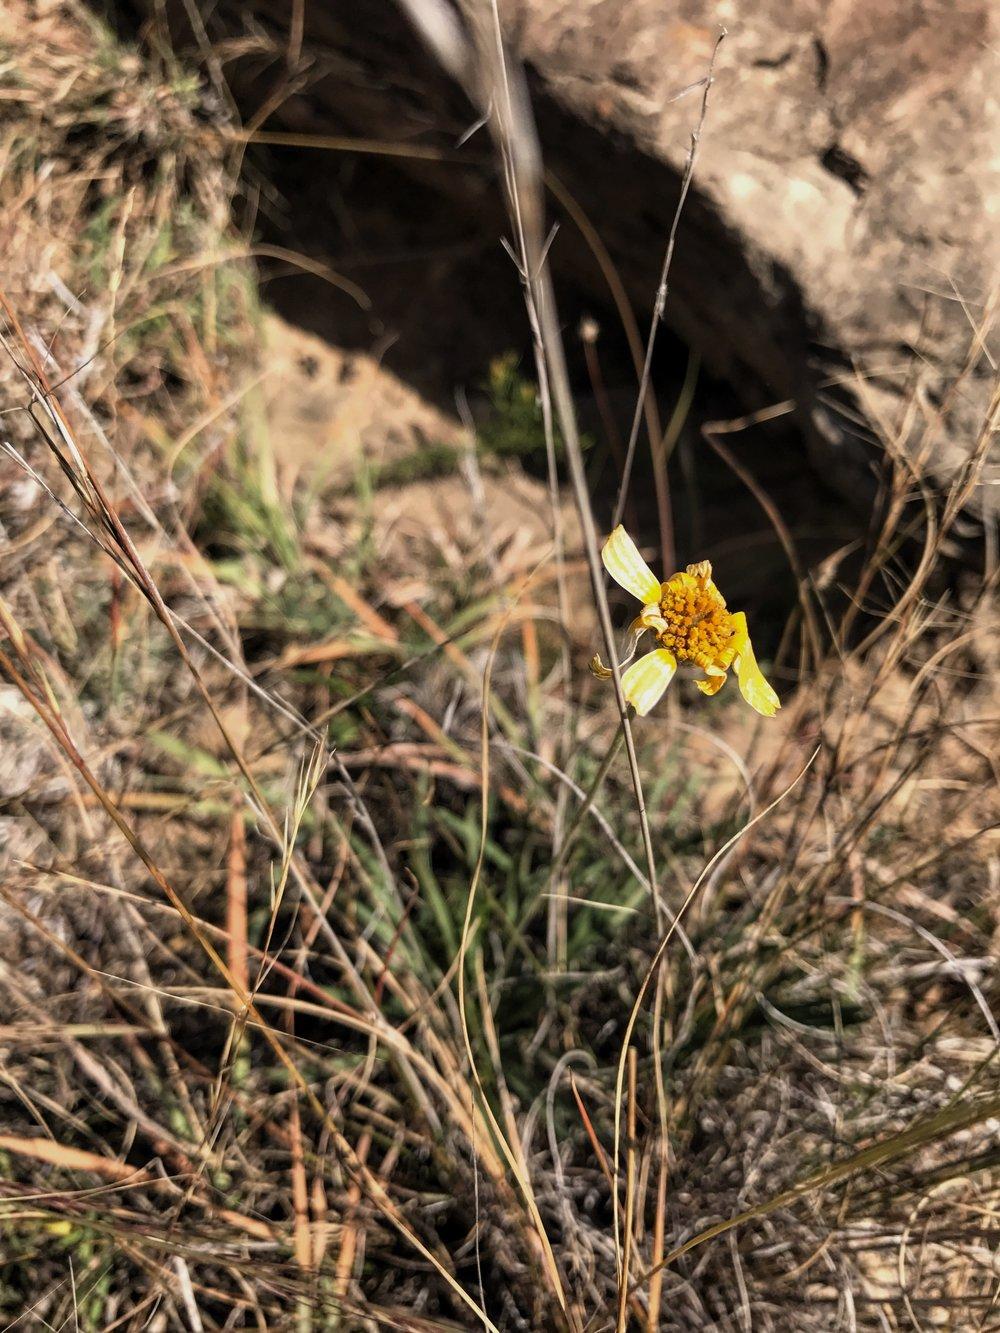 Tetraneuris linearifolia -or- scaposa, Four-nerve Daisy